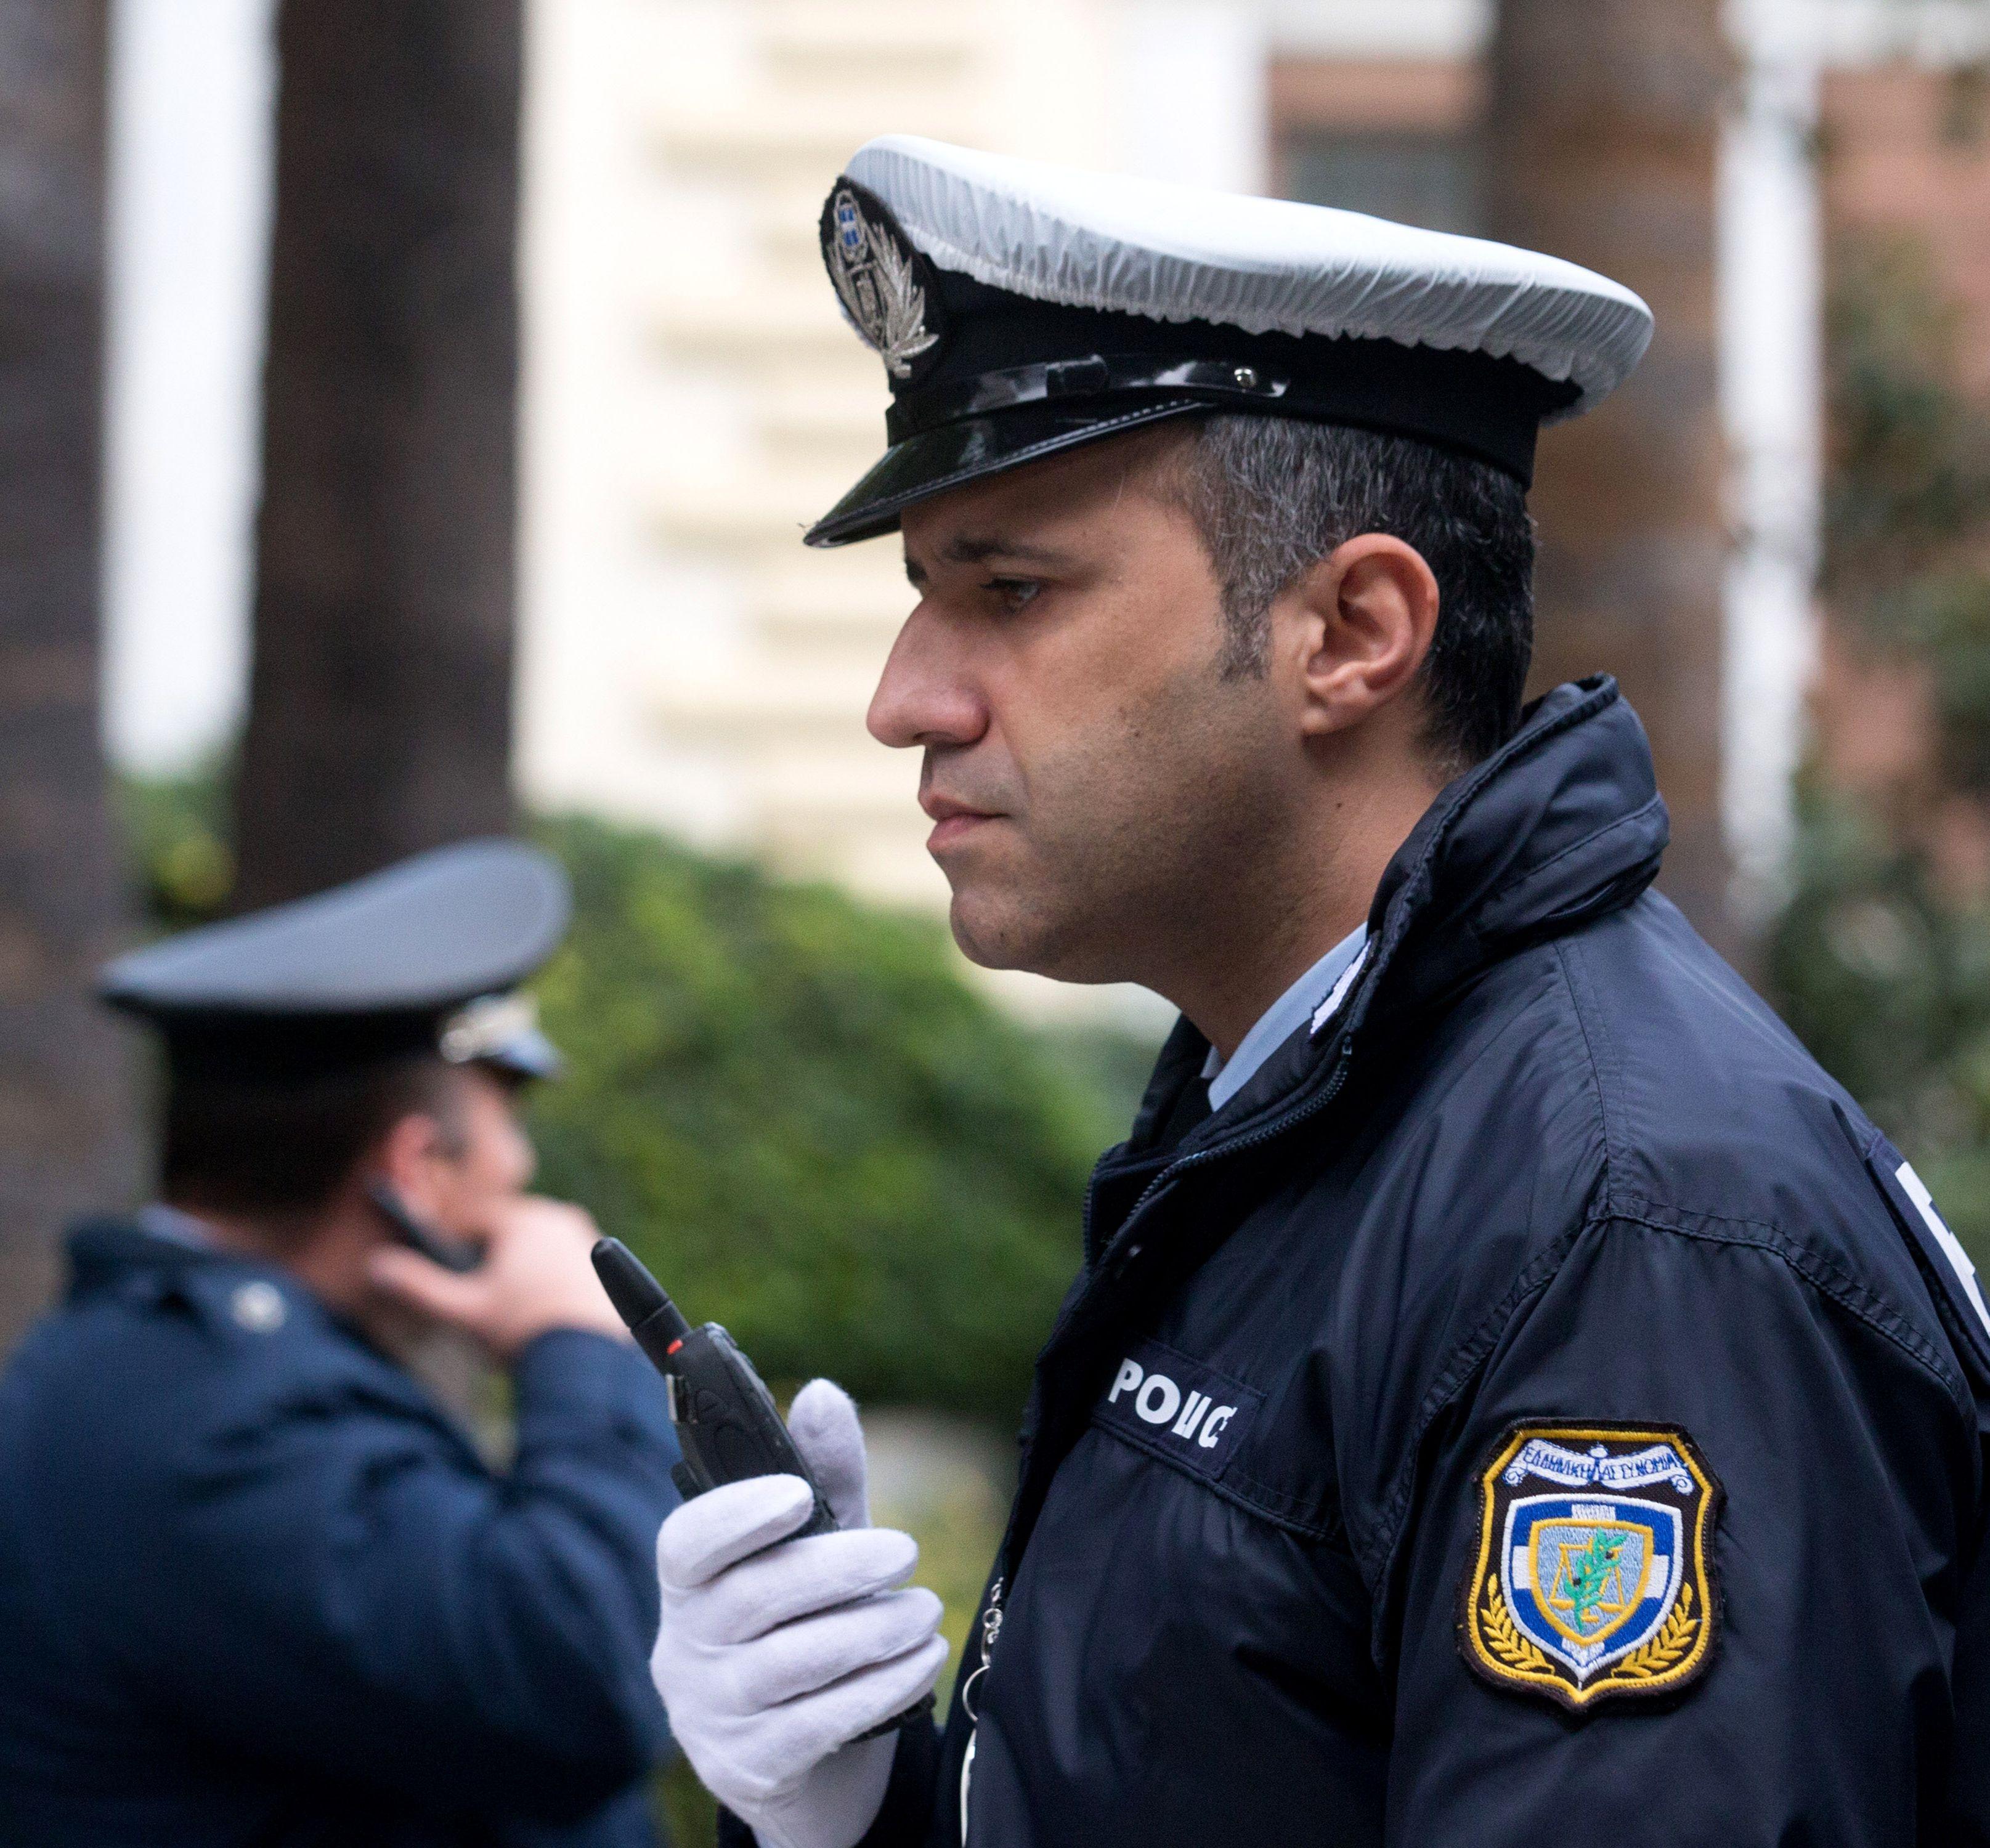 Осем подозрителни пакета са конфискувани от поща в Атина